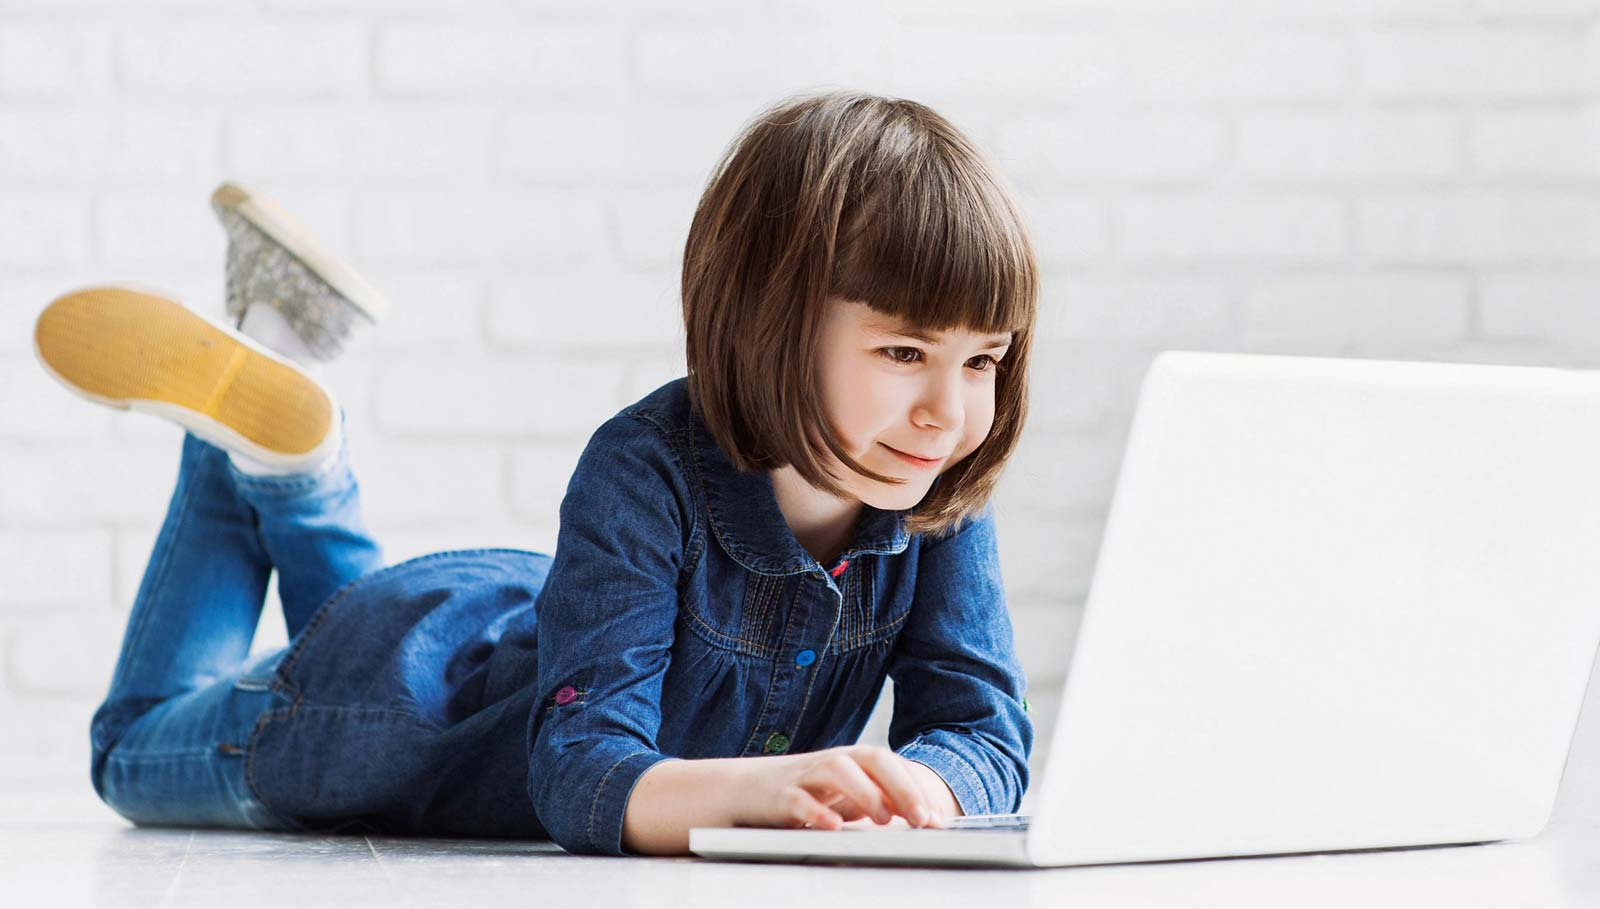 سن مناسب برای شروع برنامه نویسی